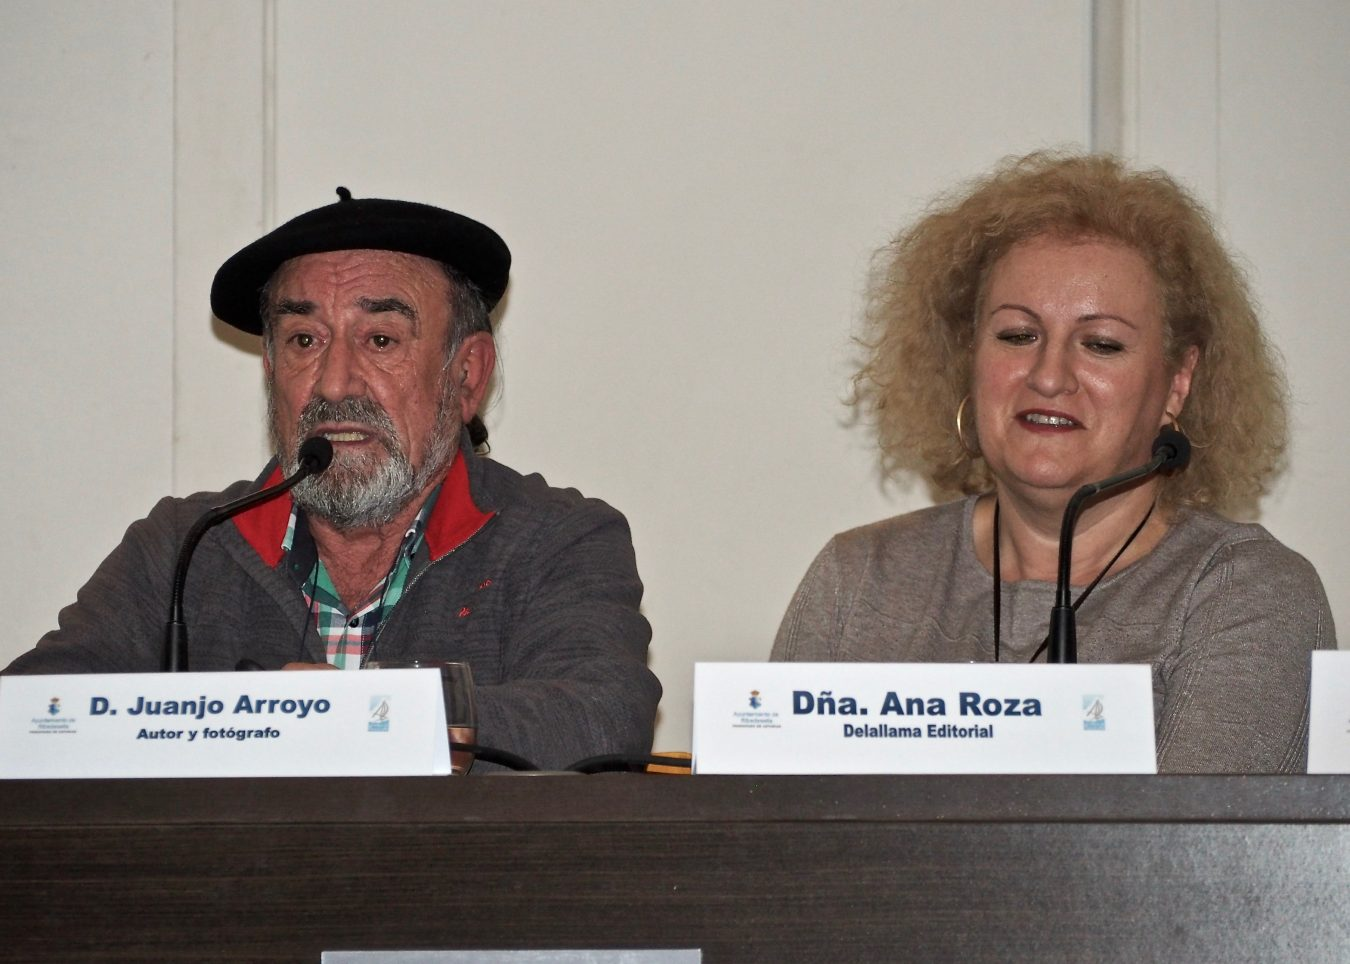 Los Amigos de Ribadesella y Delallama Editorial presentan la Asturias del agua de Juanjo Arrojo